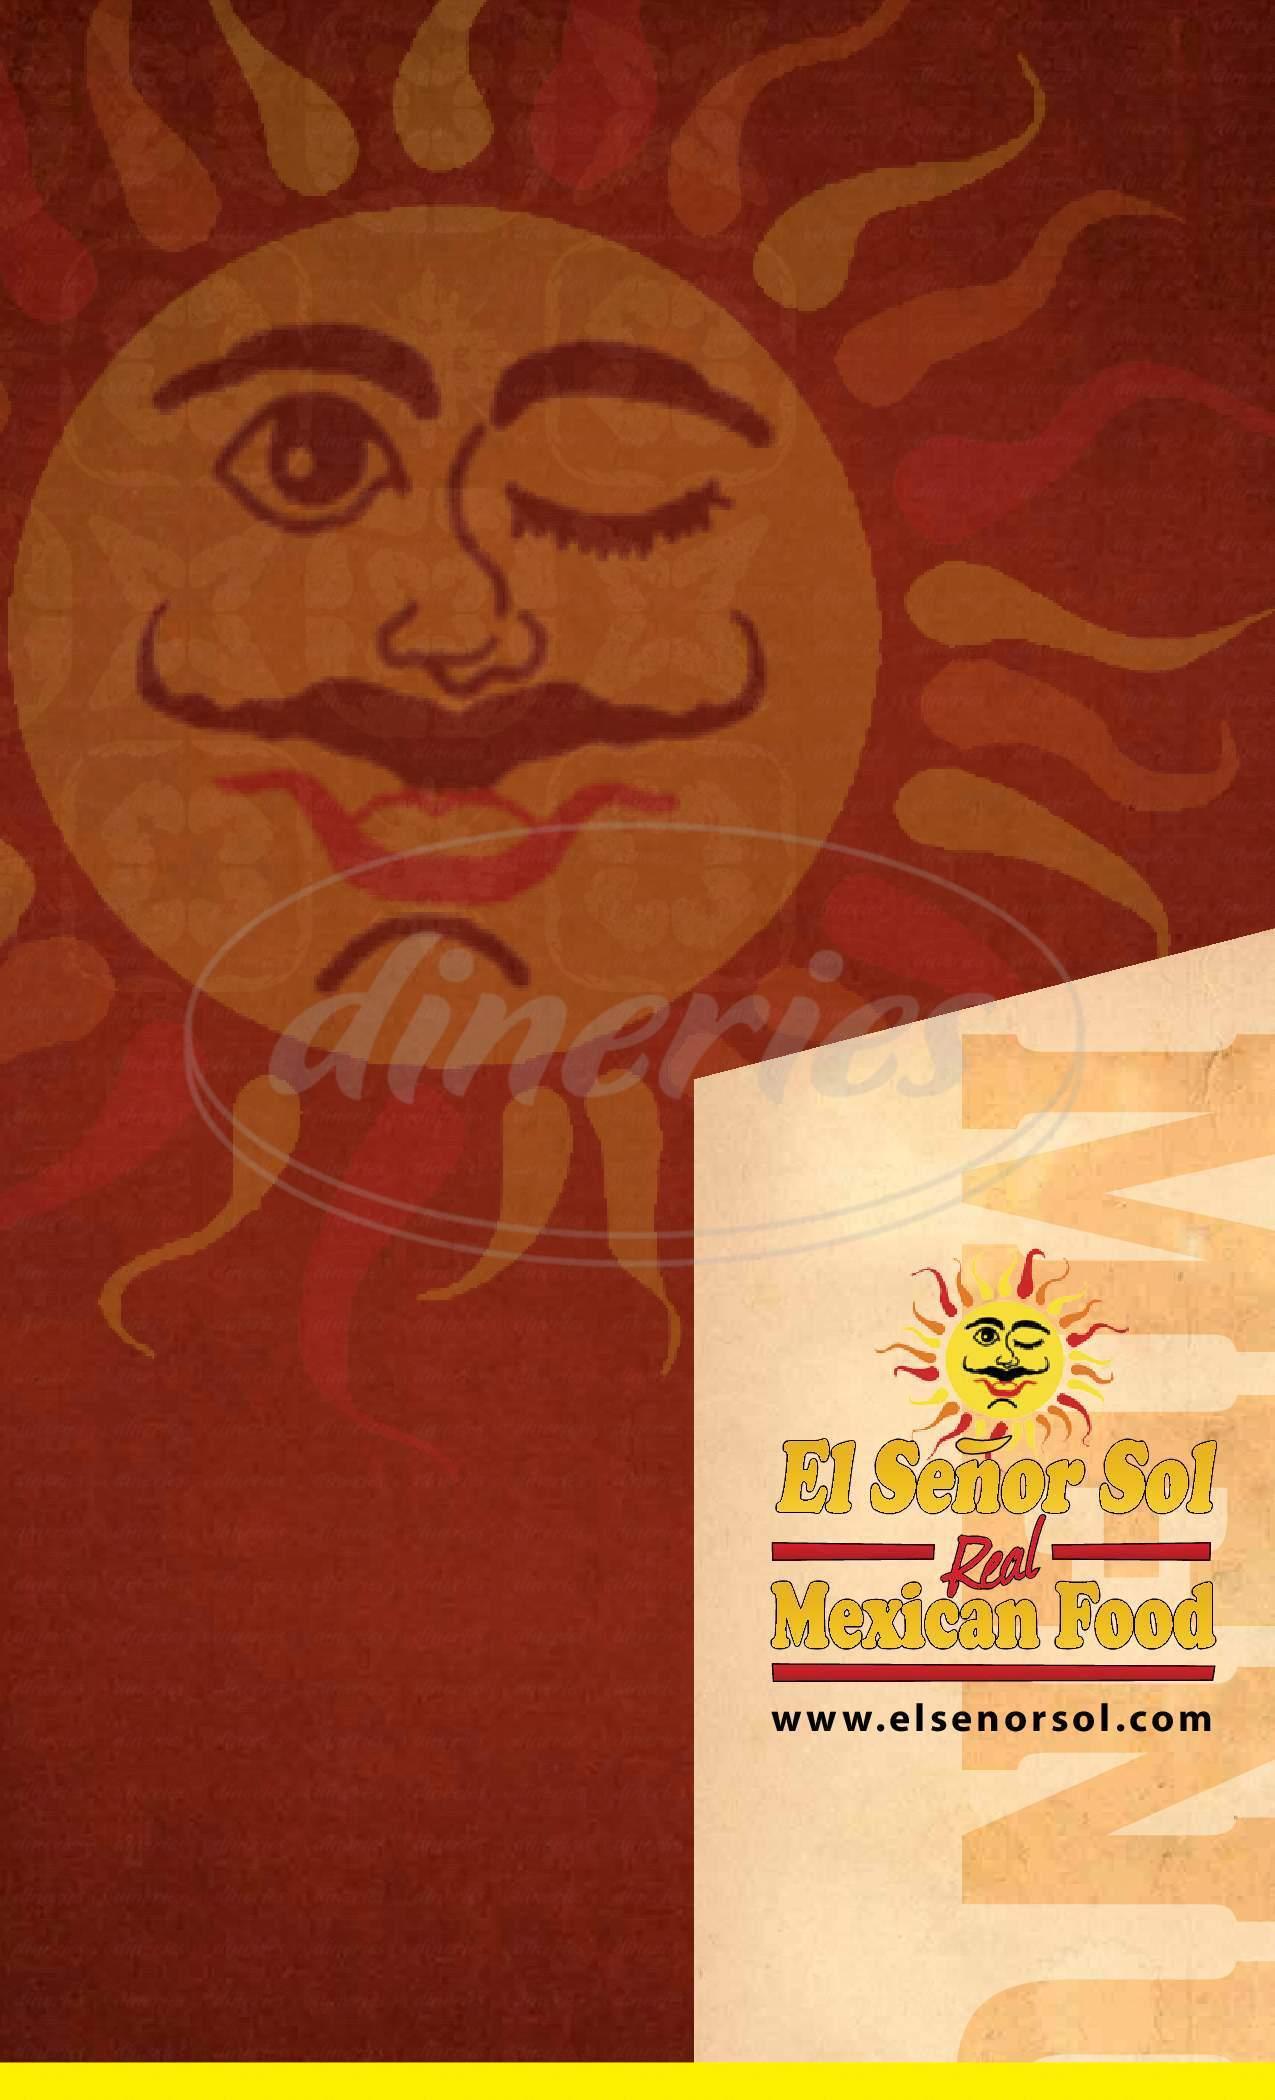 menu for El Senor Sol